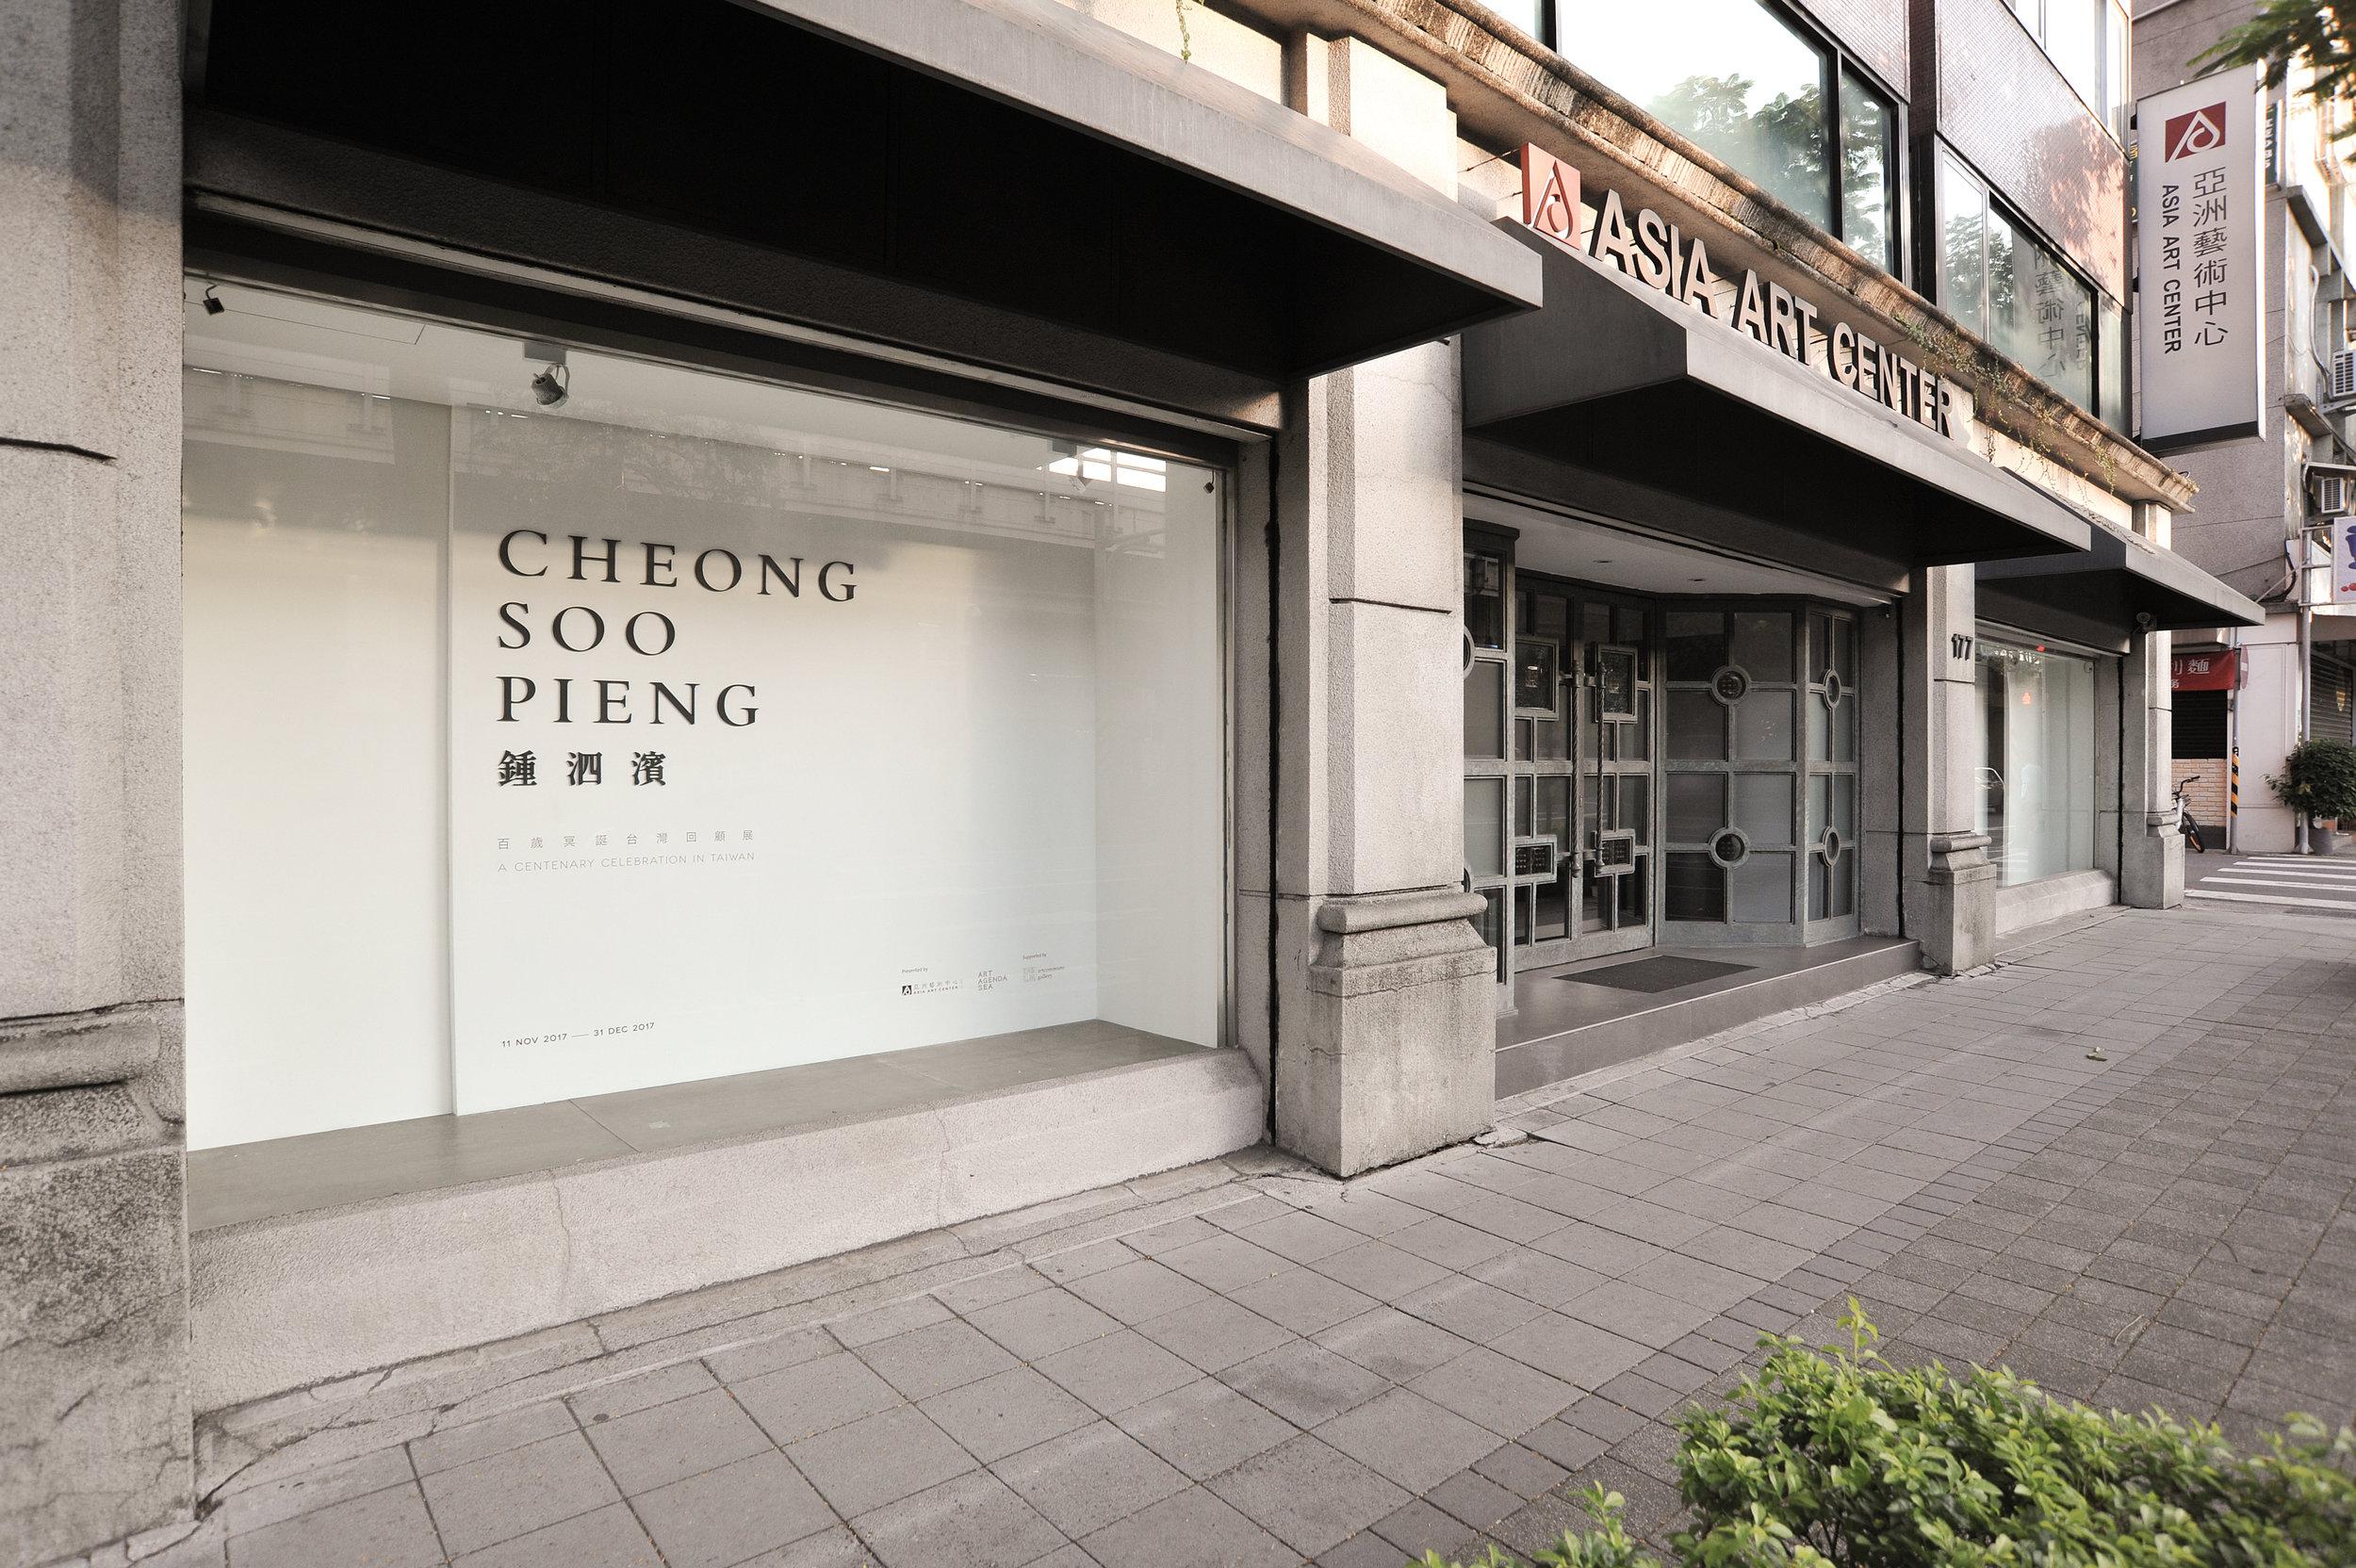 An exterior shot of Asia Art Center, housing Cheong Soo Pieng: A Centenary Celebration in Taiwan